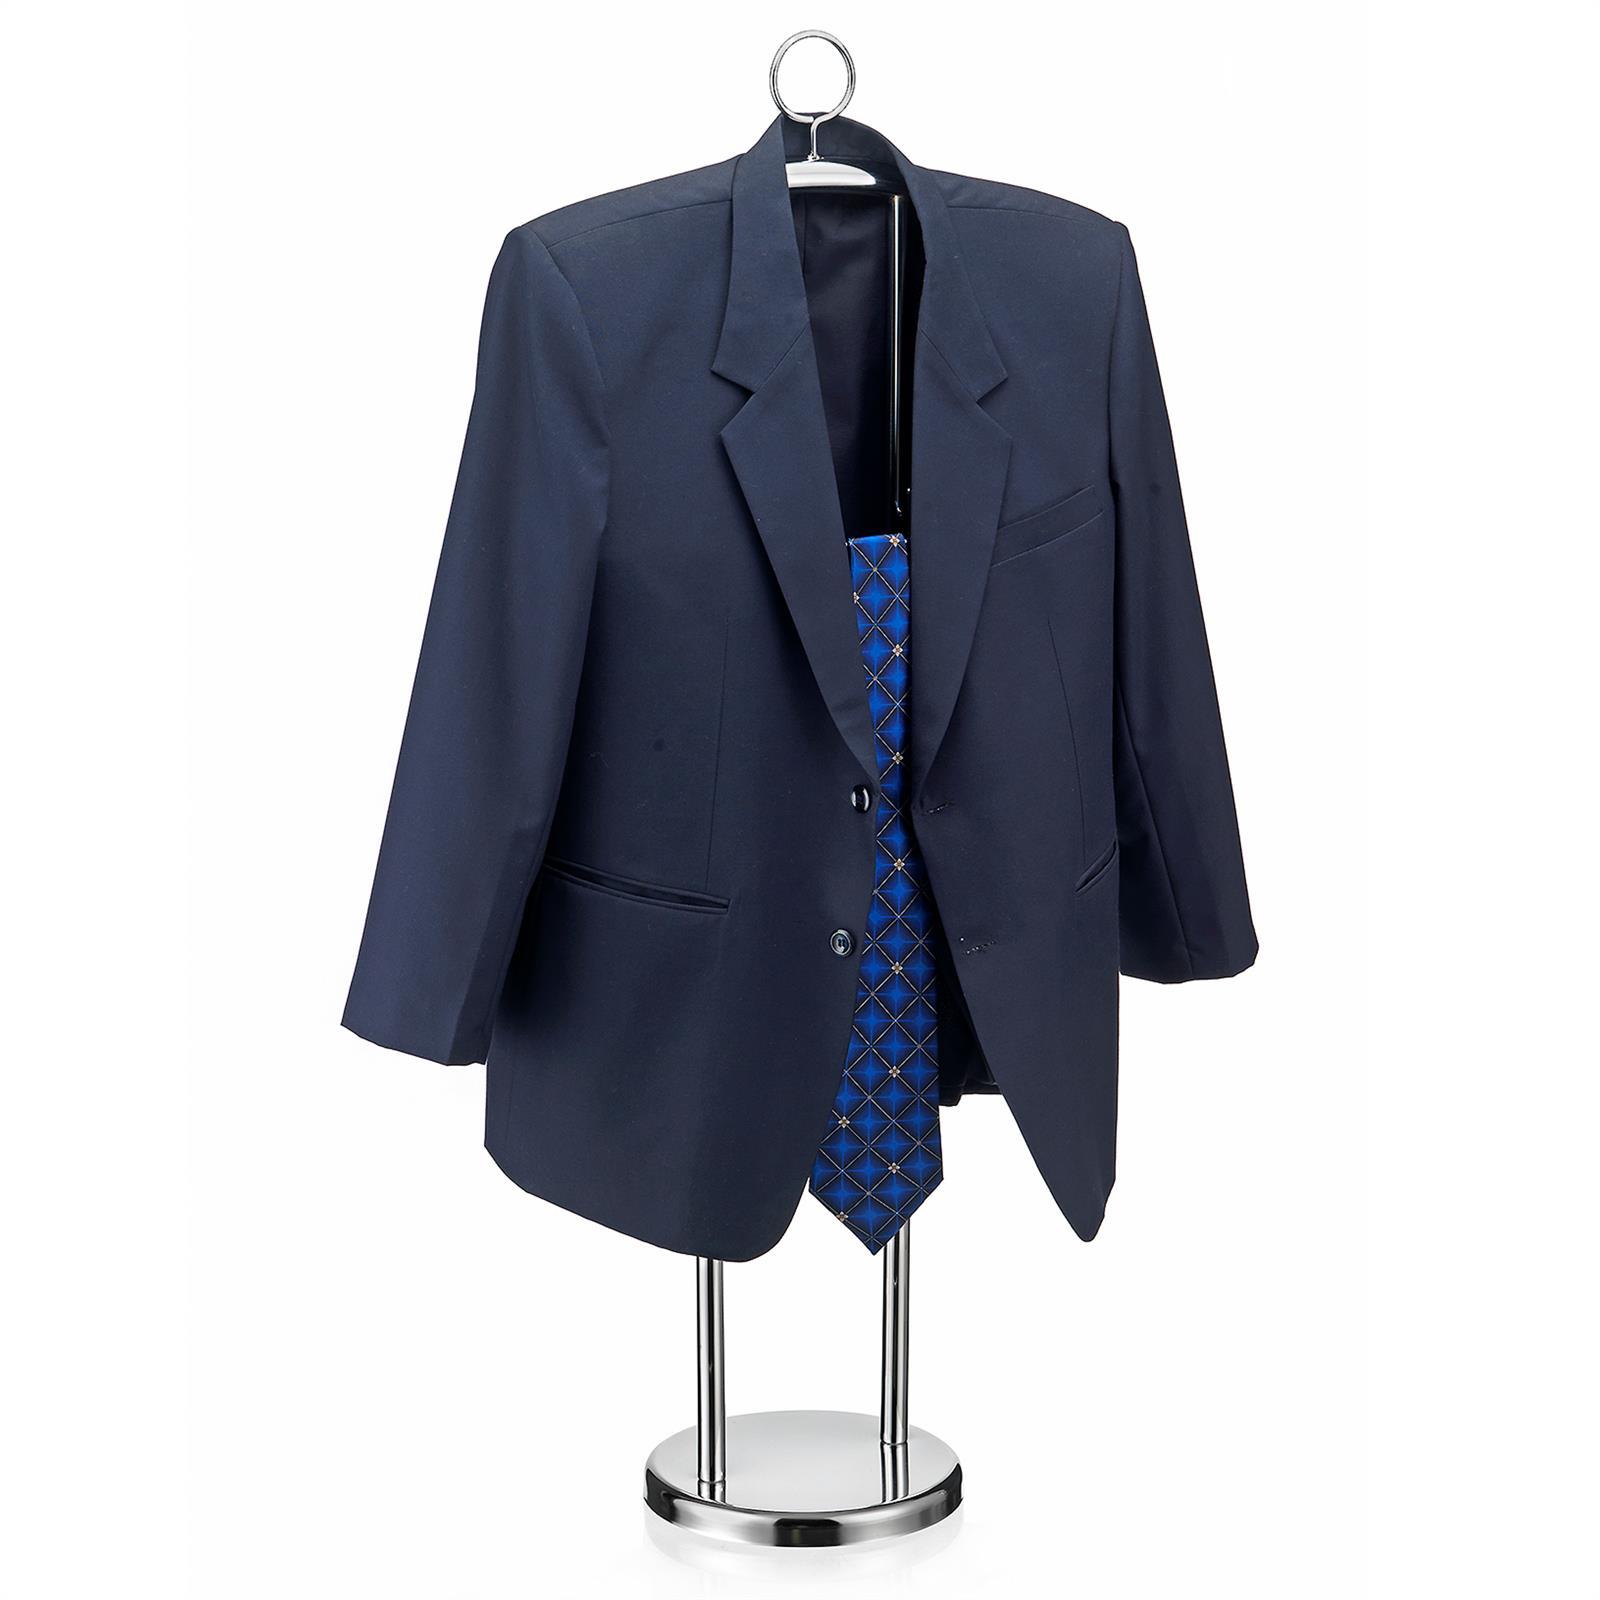 herrendiener kleiderst nder stummer diener butler hosenb gel und krawattenring ebay. Black Bedroom Furniture Sets. Home Design Ideas